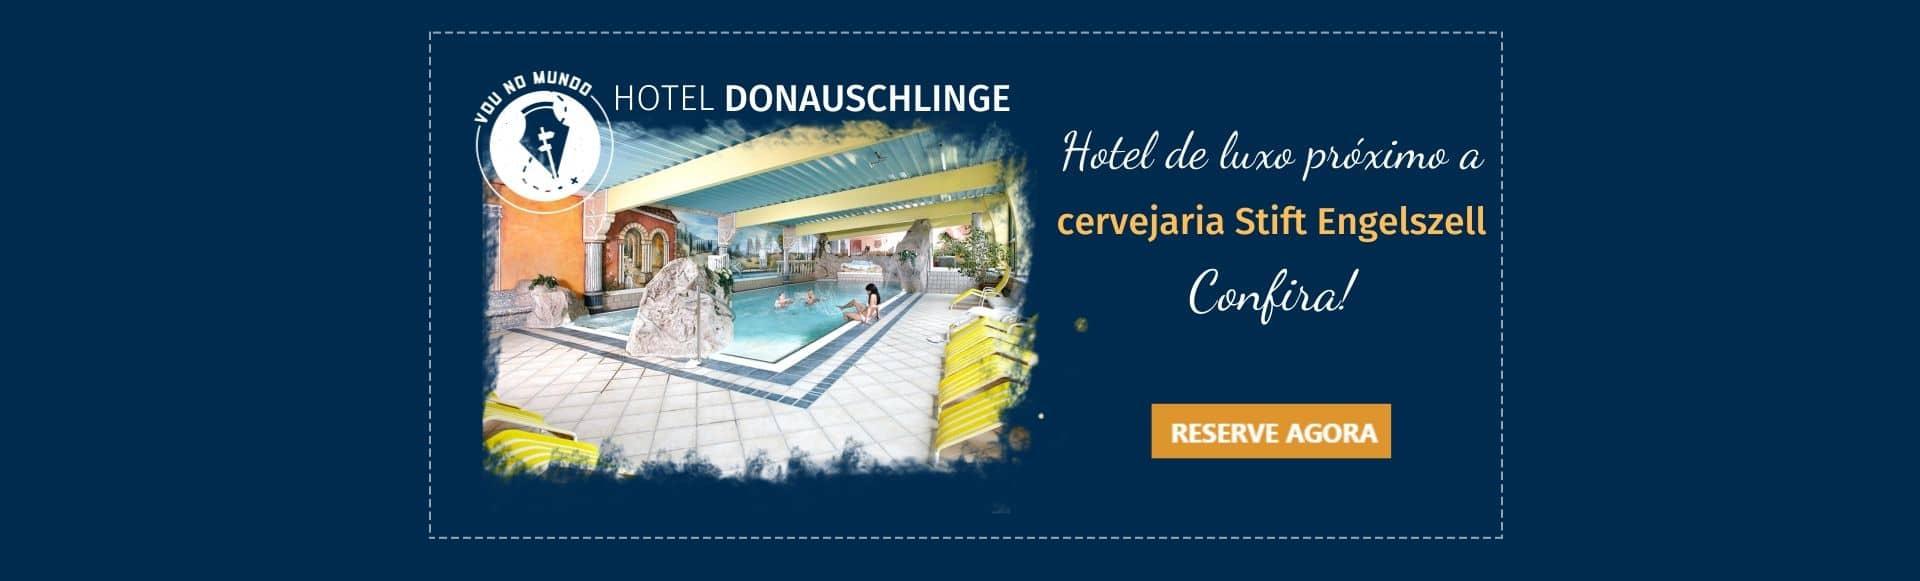 Hotel Donauschlinge na Austria